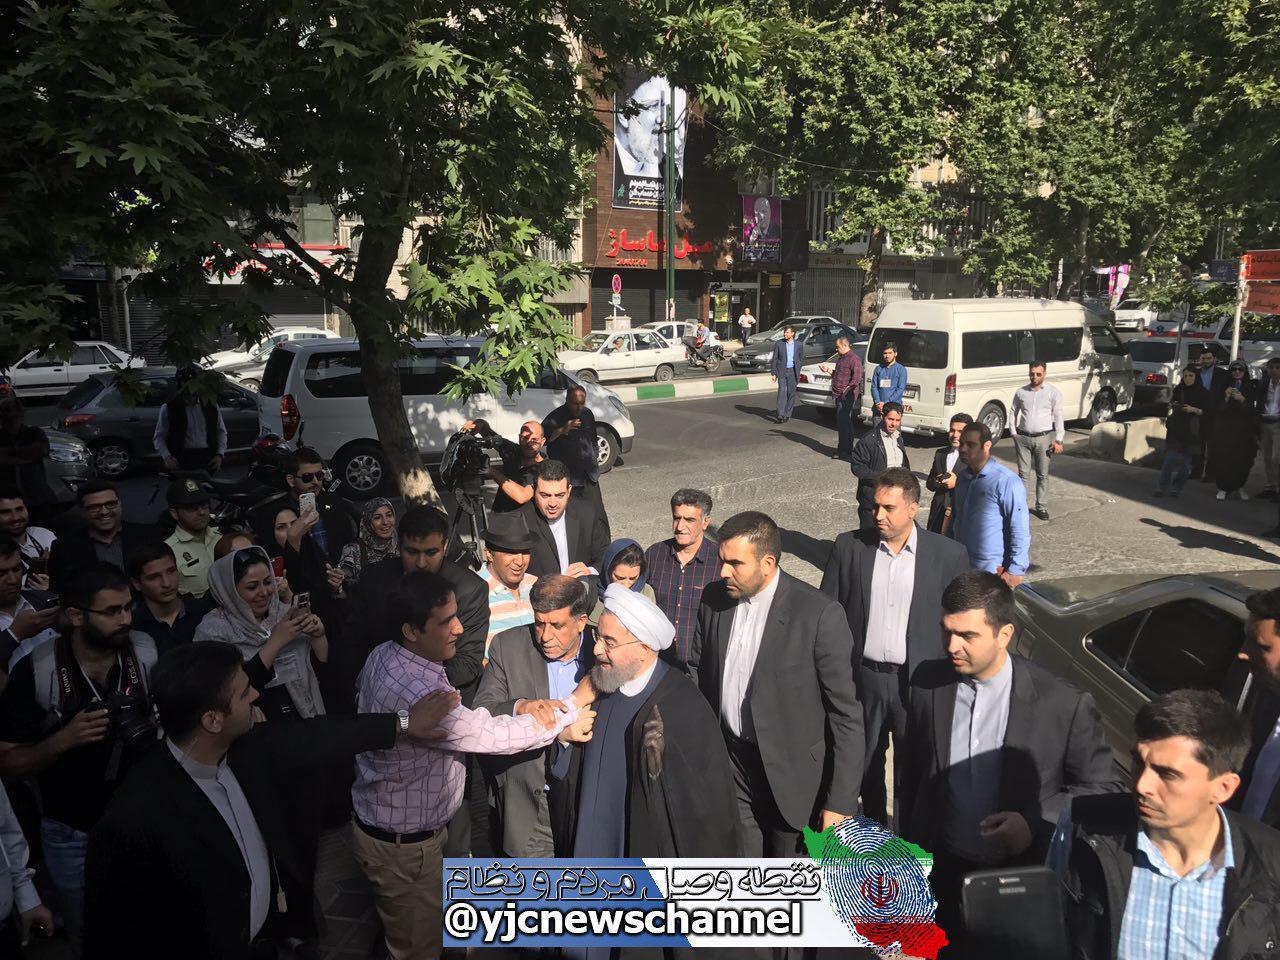 نامزدهای انتخابات ریاست جمهوری آرای خود را در کدام مناطق تهران به صندوق انداختند؟